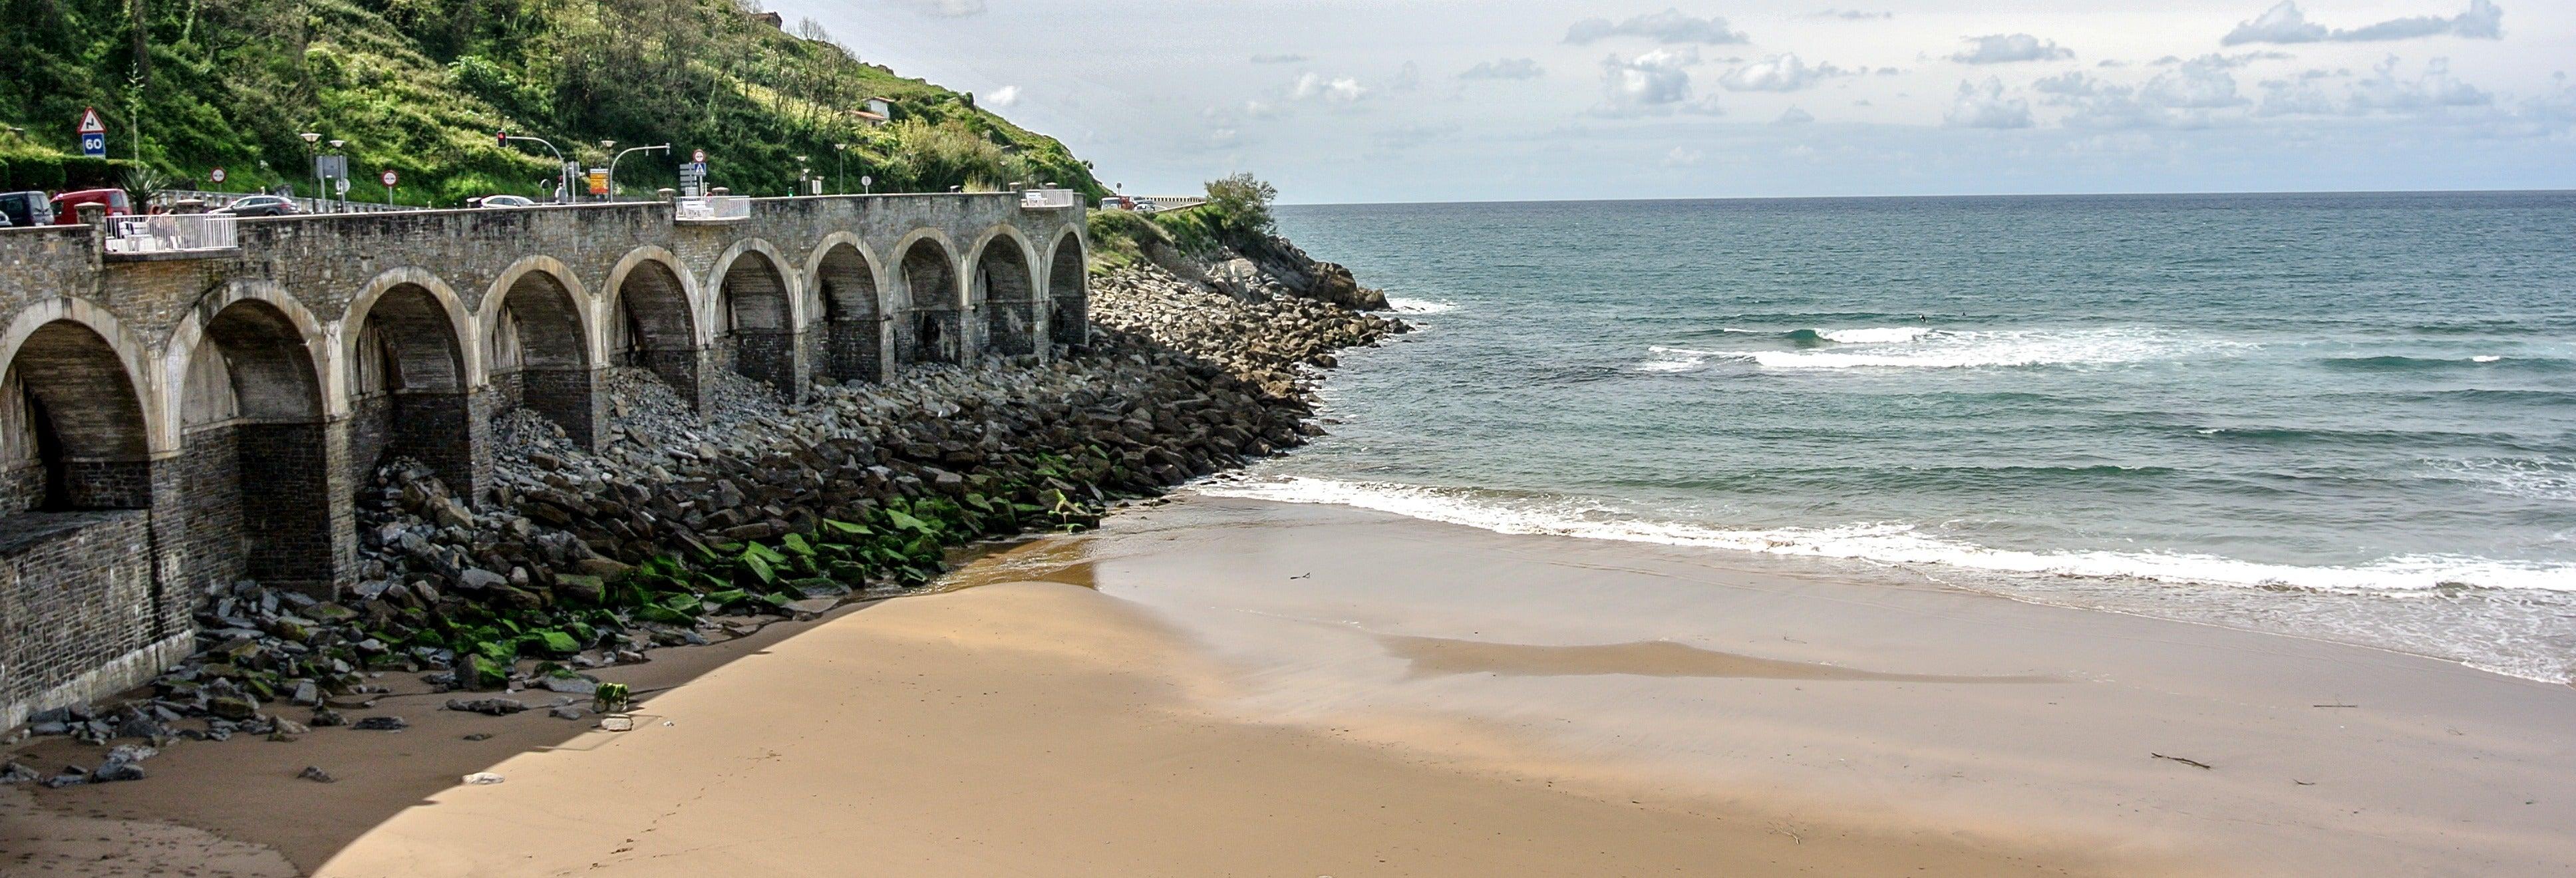 Tour pelos povoados costeiros de Gipuzkoa